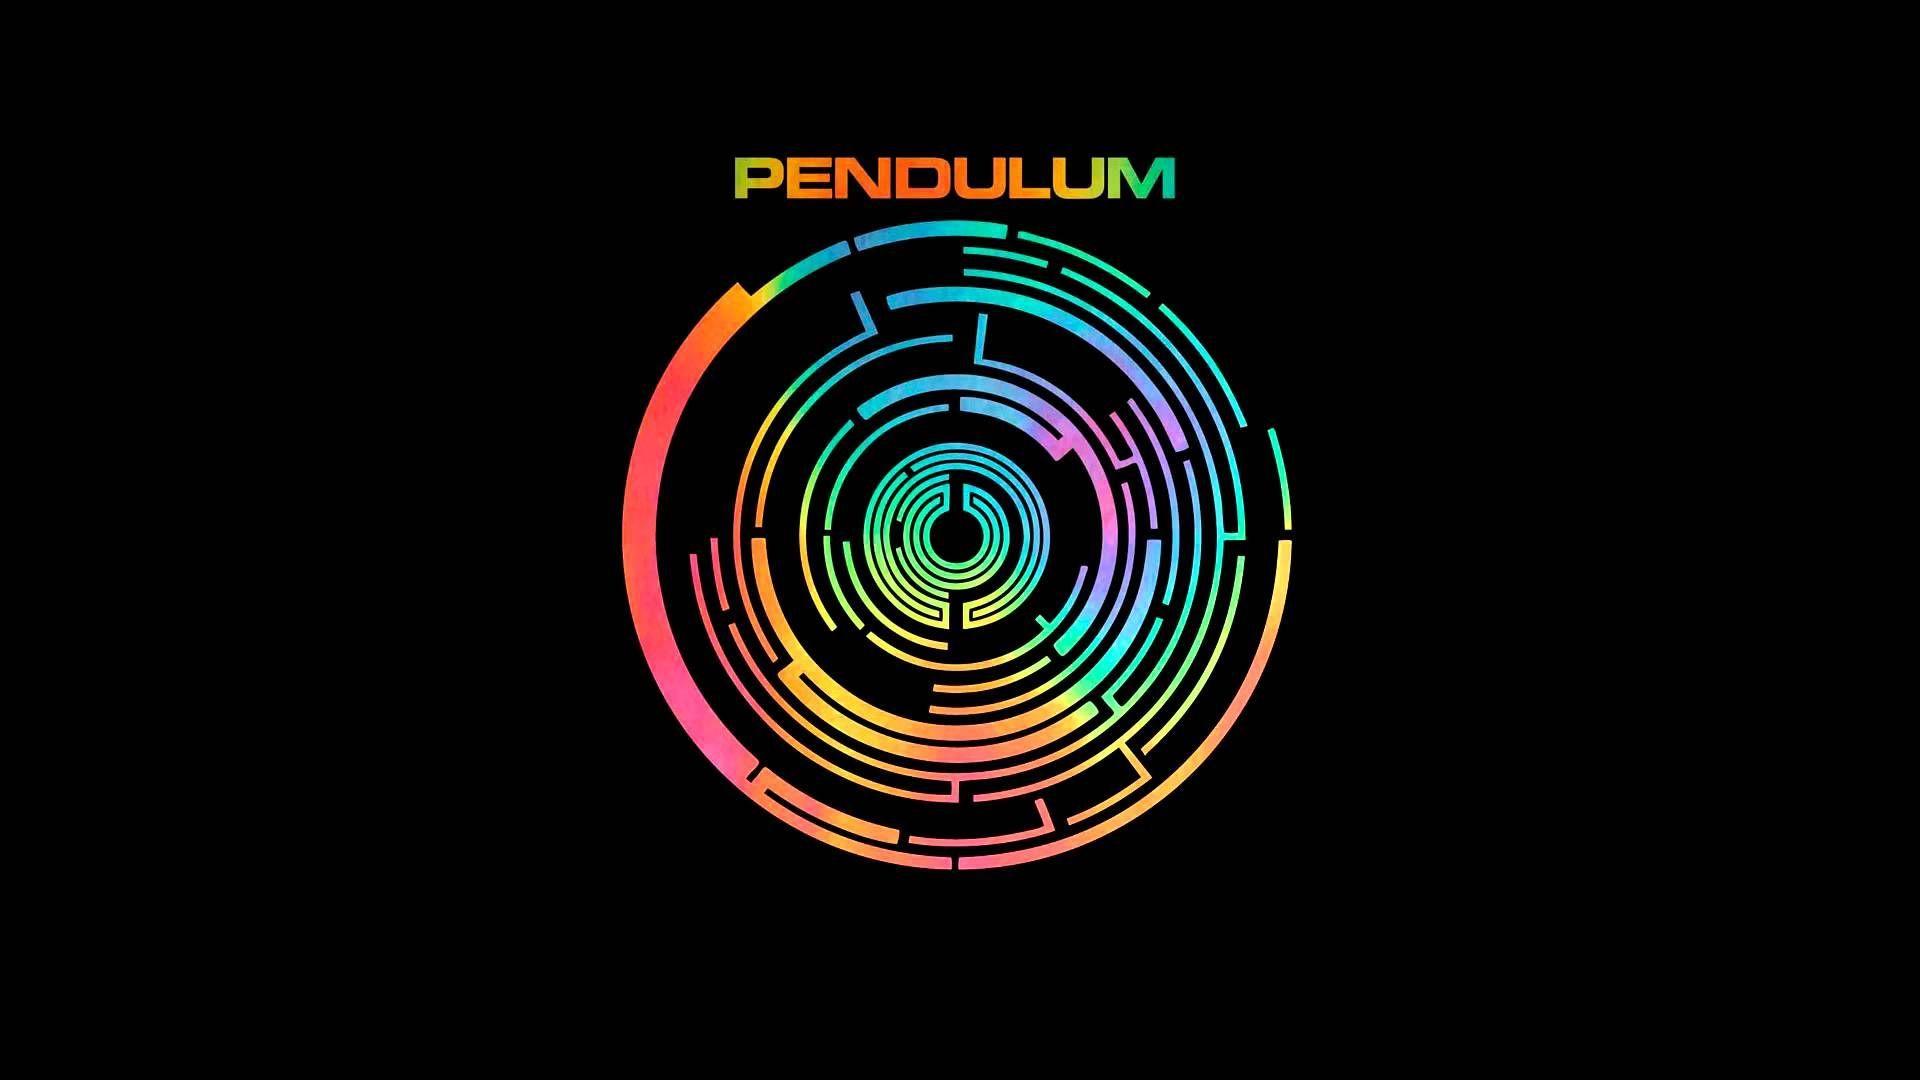 ¿Pendulum e que grupo hicieron un remix? (El remix mas famoso del grupo Pendulum)